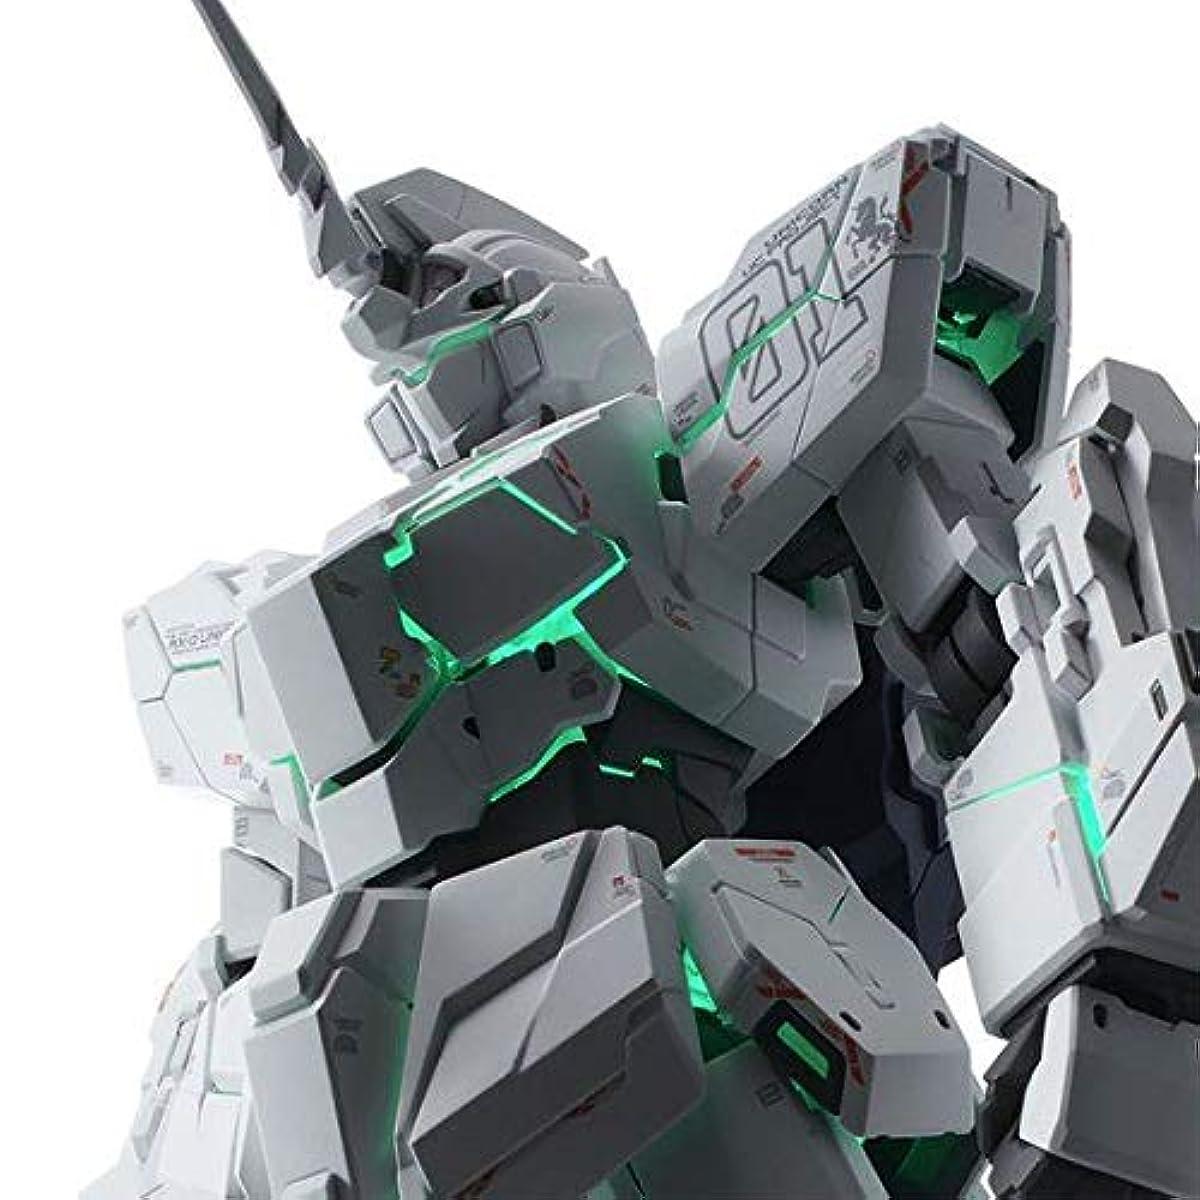 """[해외] MGEX 1/100 유니콘 건담 VER.KA [프리미엄 """"유니콘 모드"""" 박스] 통상판과 패키지의 디자인 만이 다릅니다"""